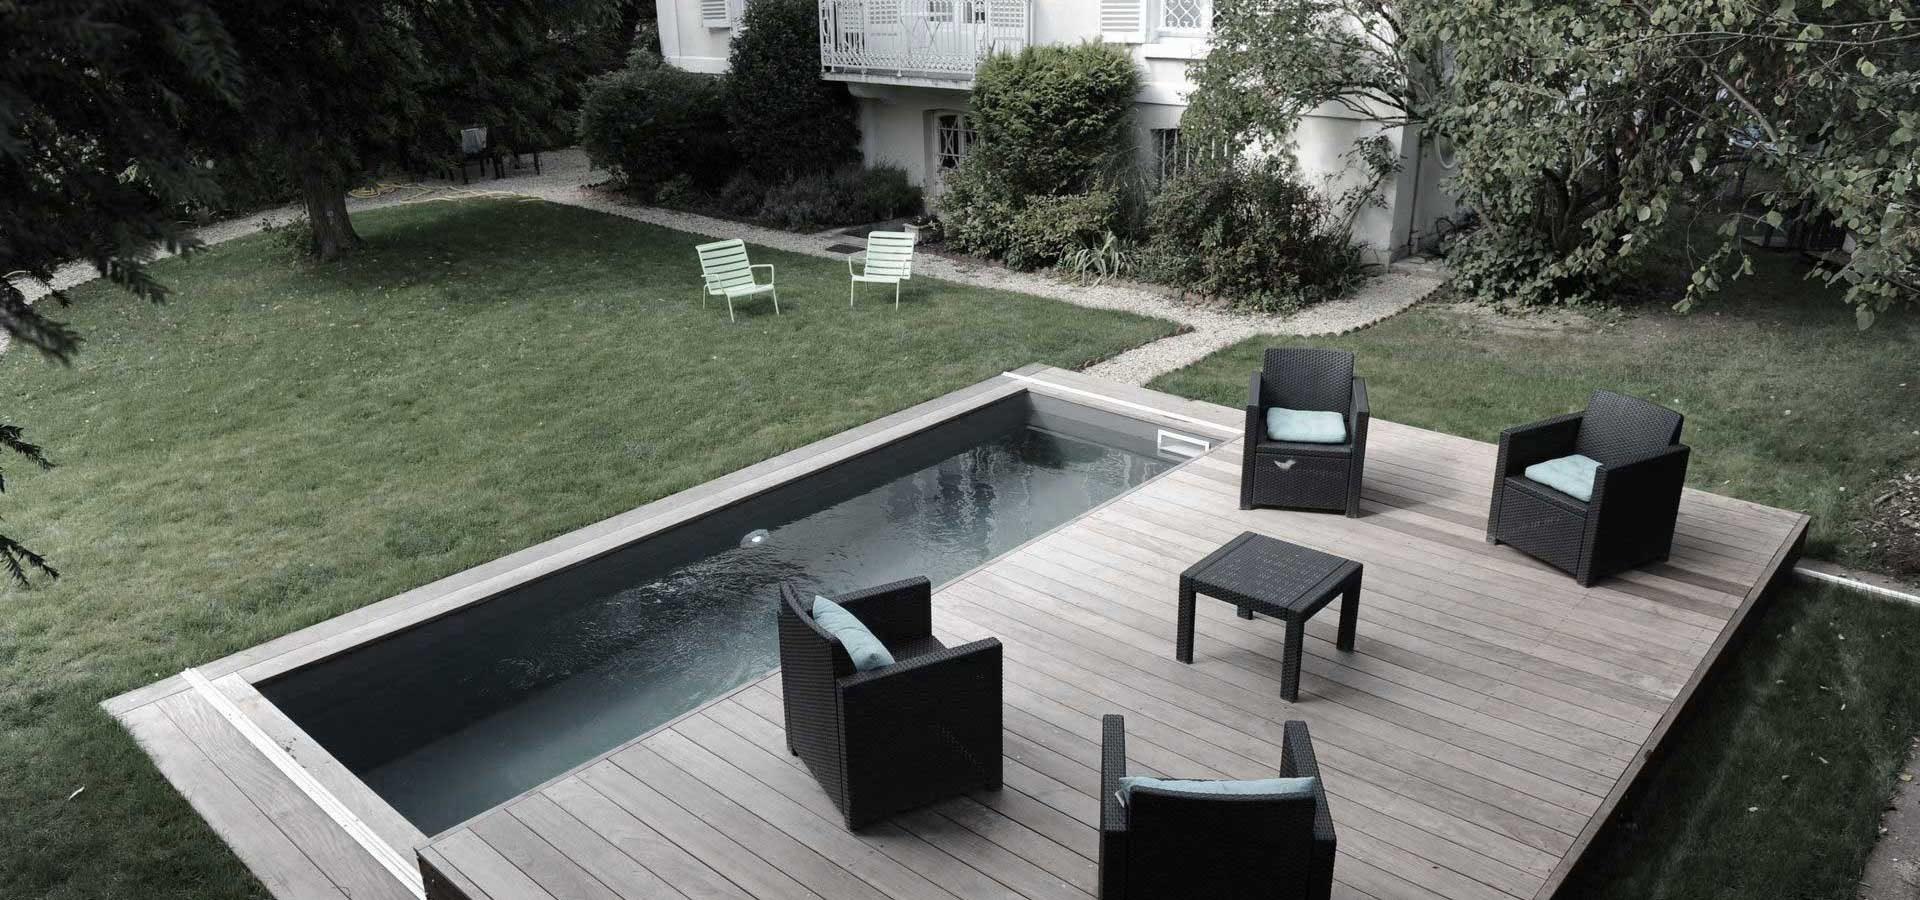 Ploché zastřešení bazénů